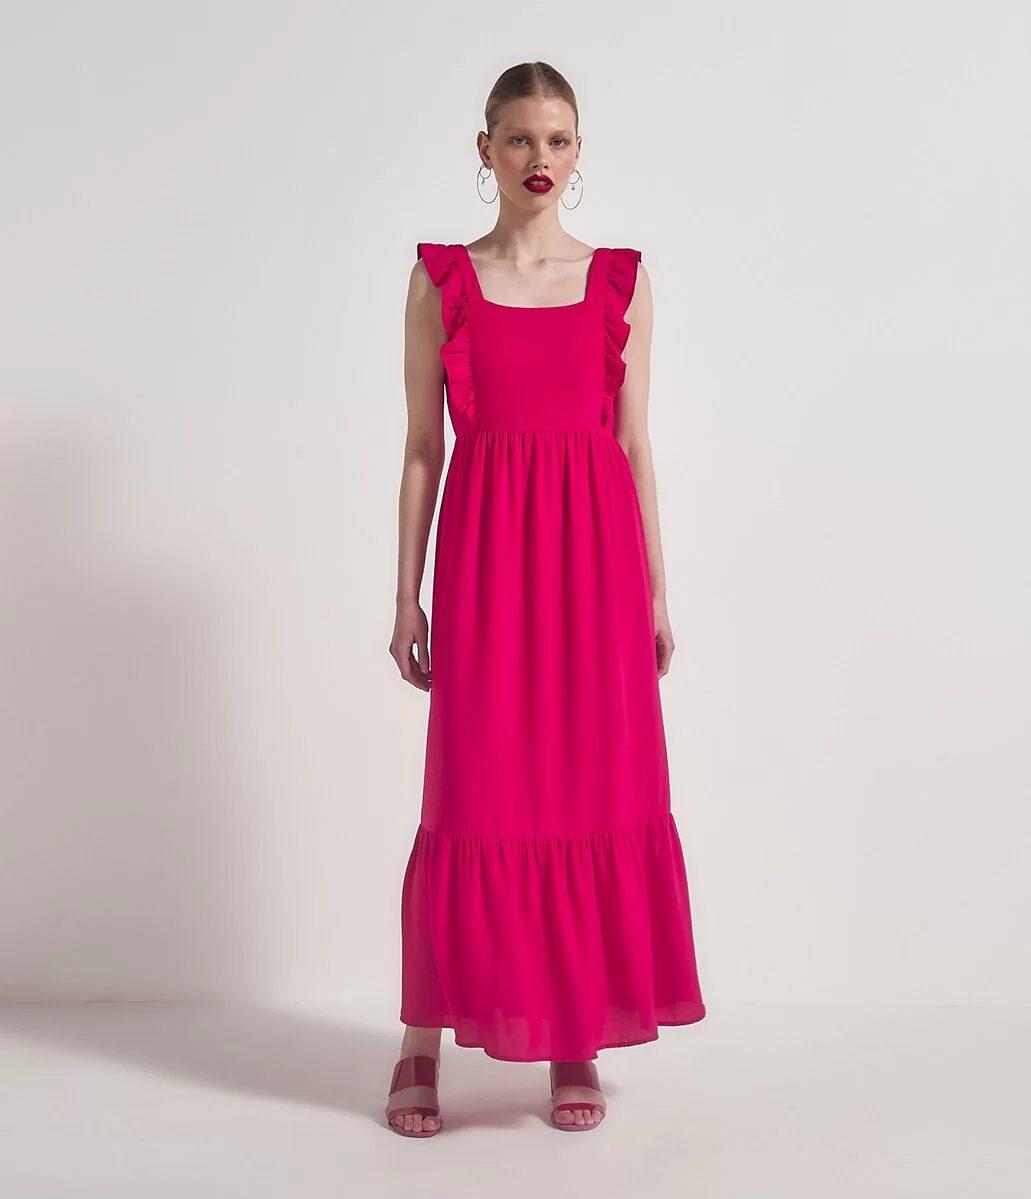 1612584554 849 echa un vistazo a las opciones para comprar y 30 - 40 modelos de vestidos rosas para un look que no pasa desapercibido